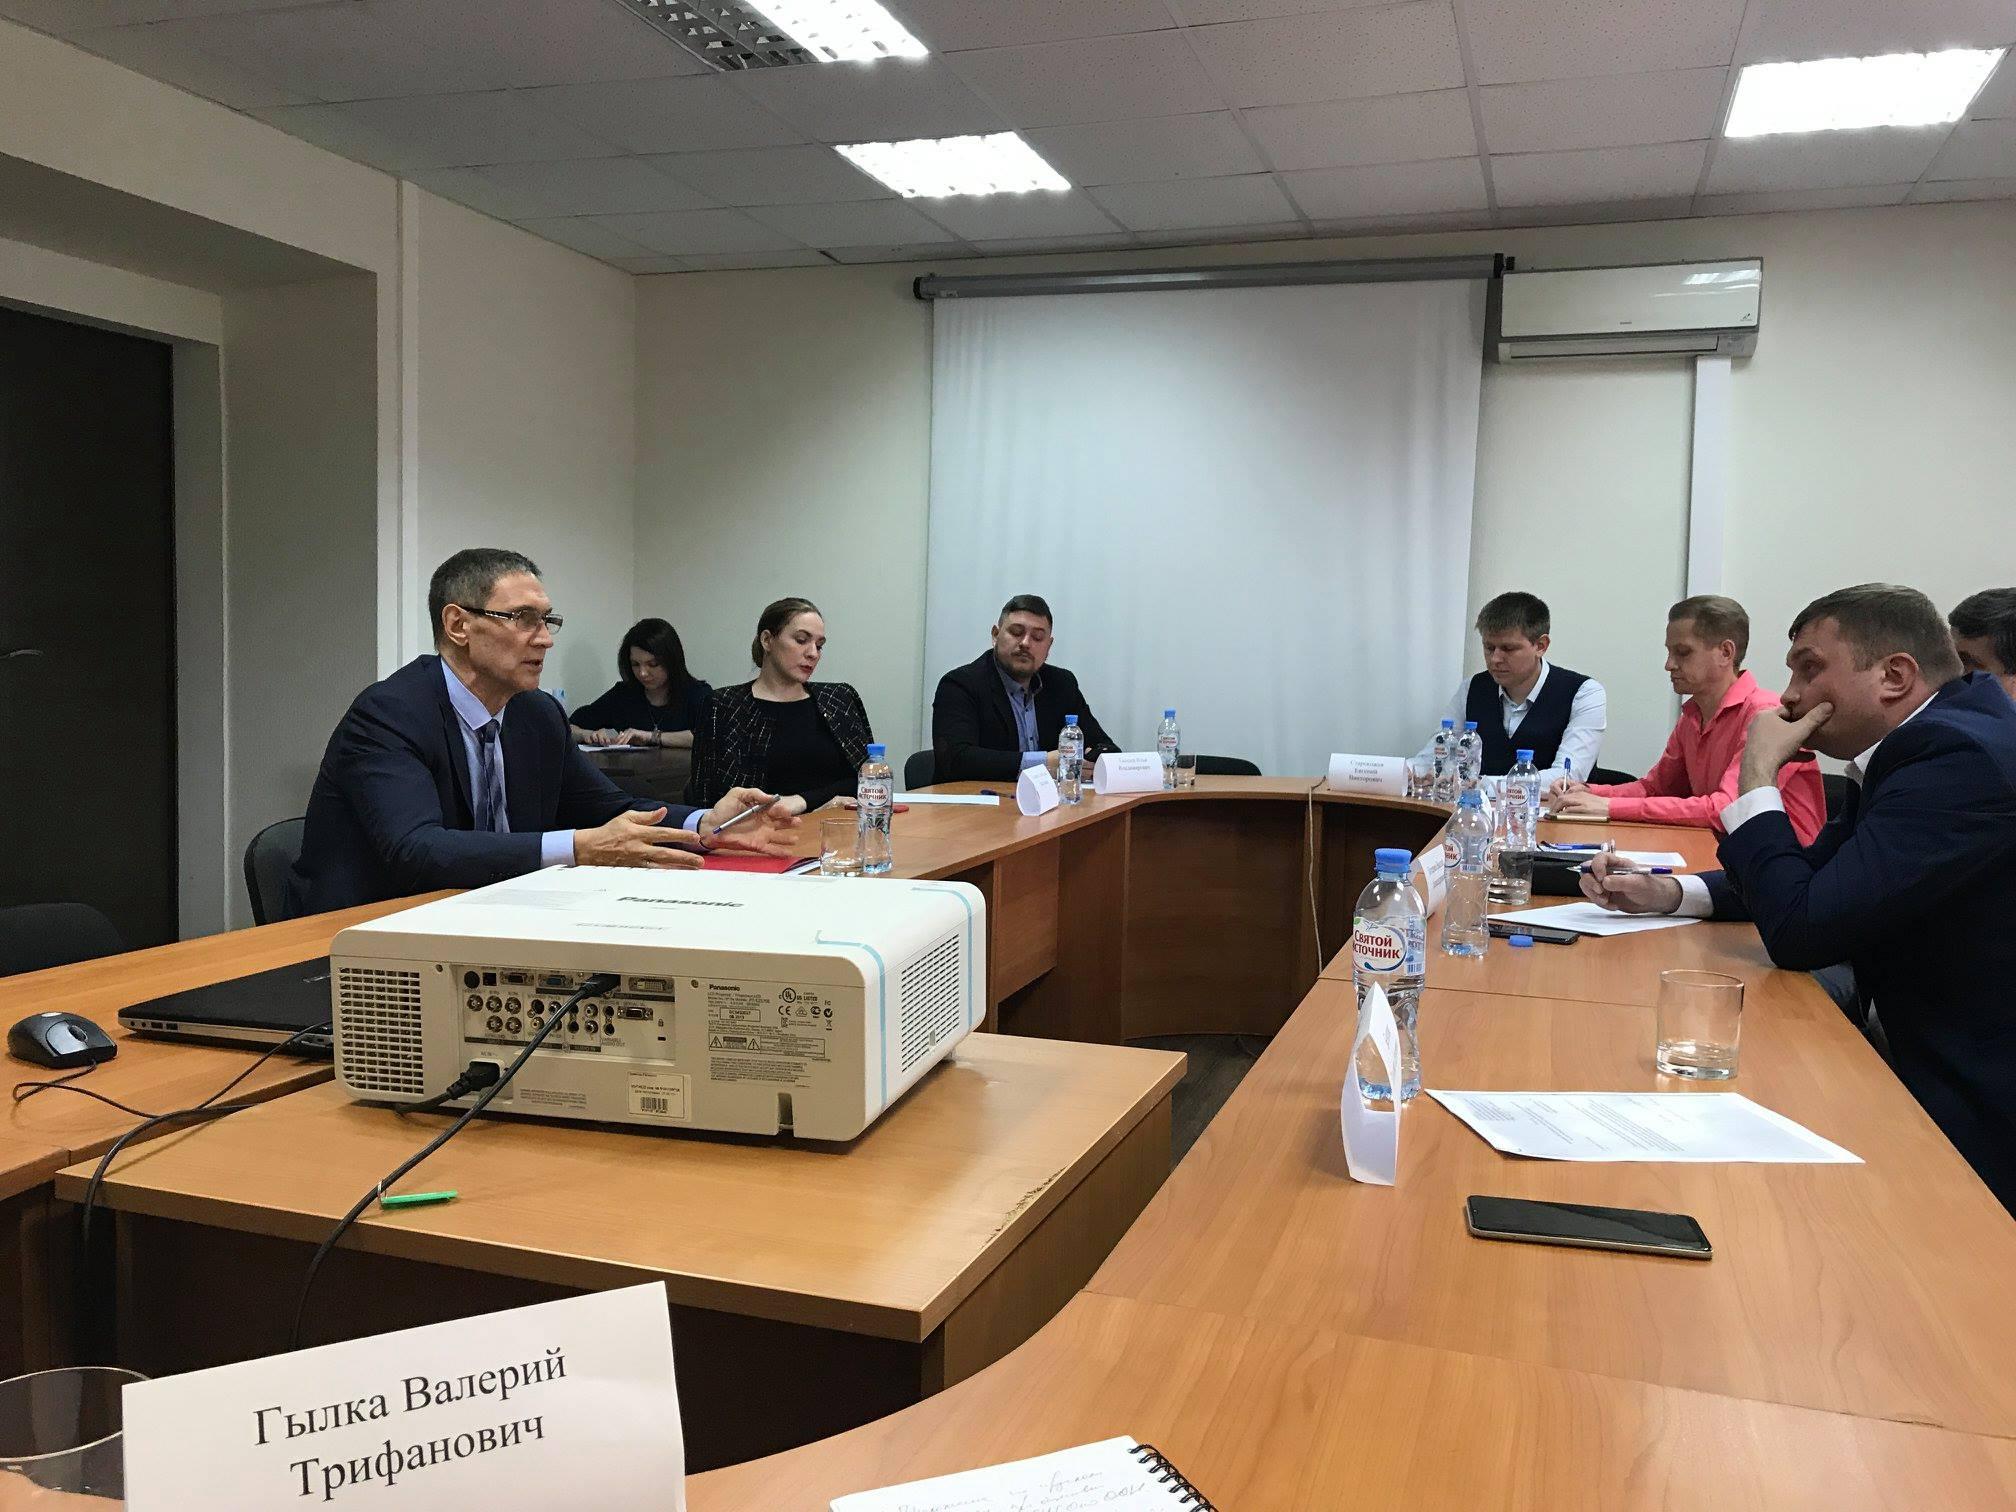 Валерий Гылка, стал членом общественного совета при МУГИСО